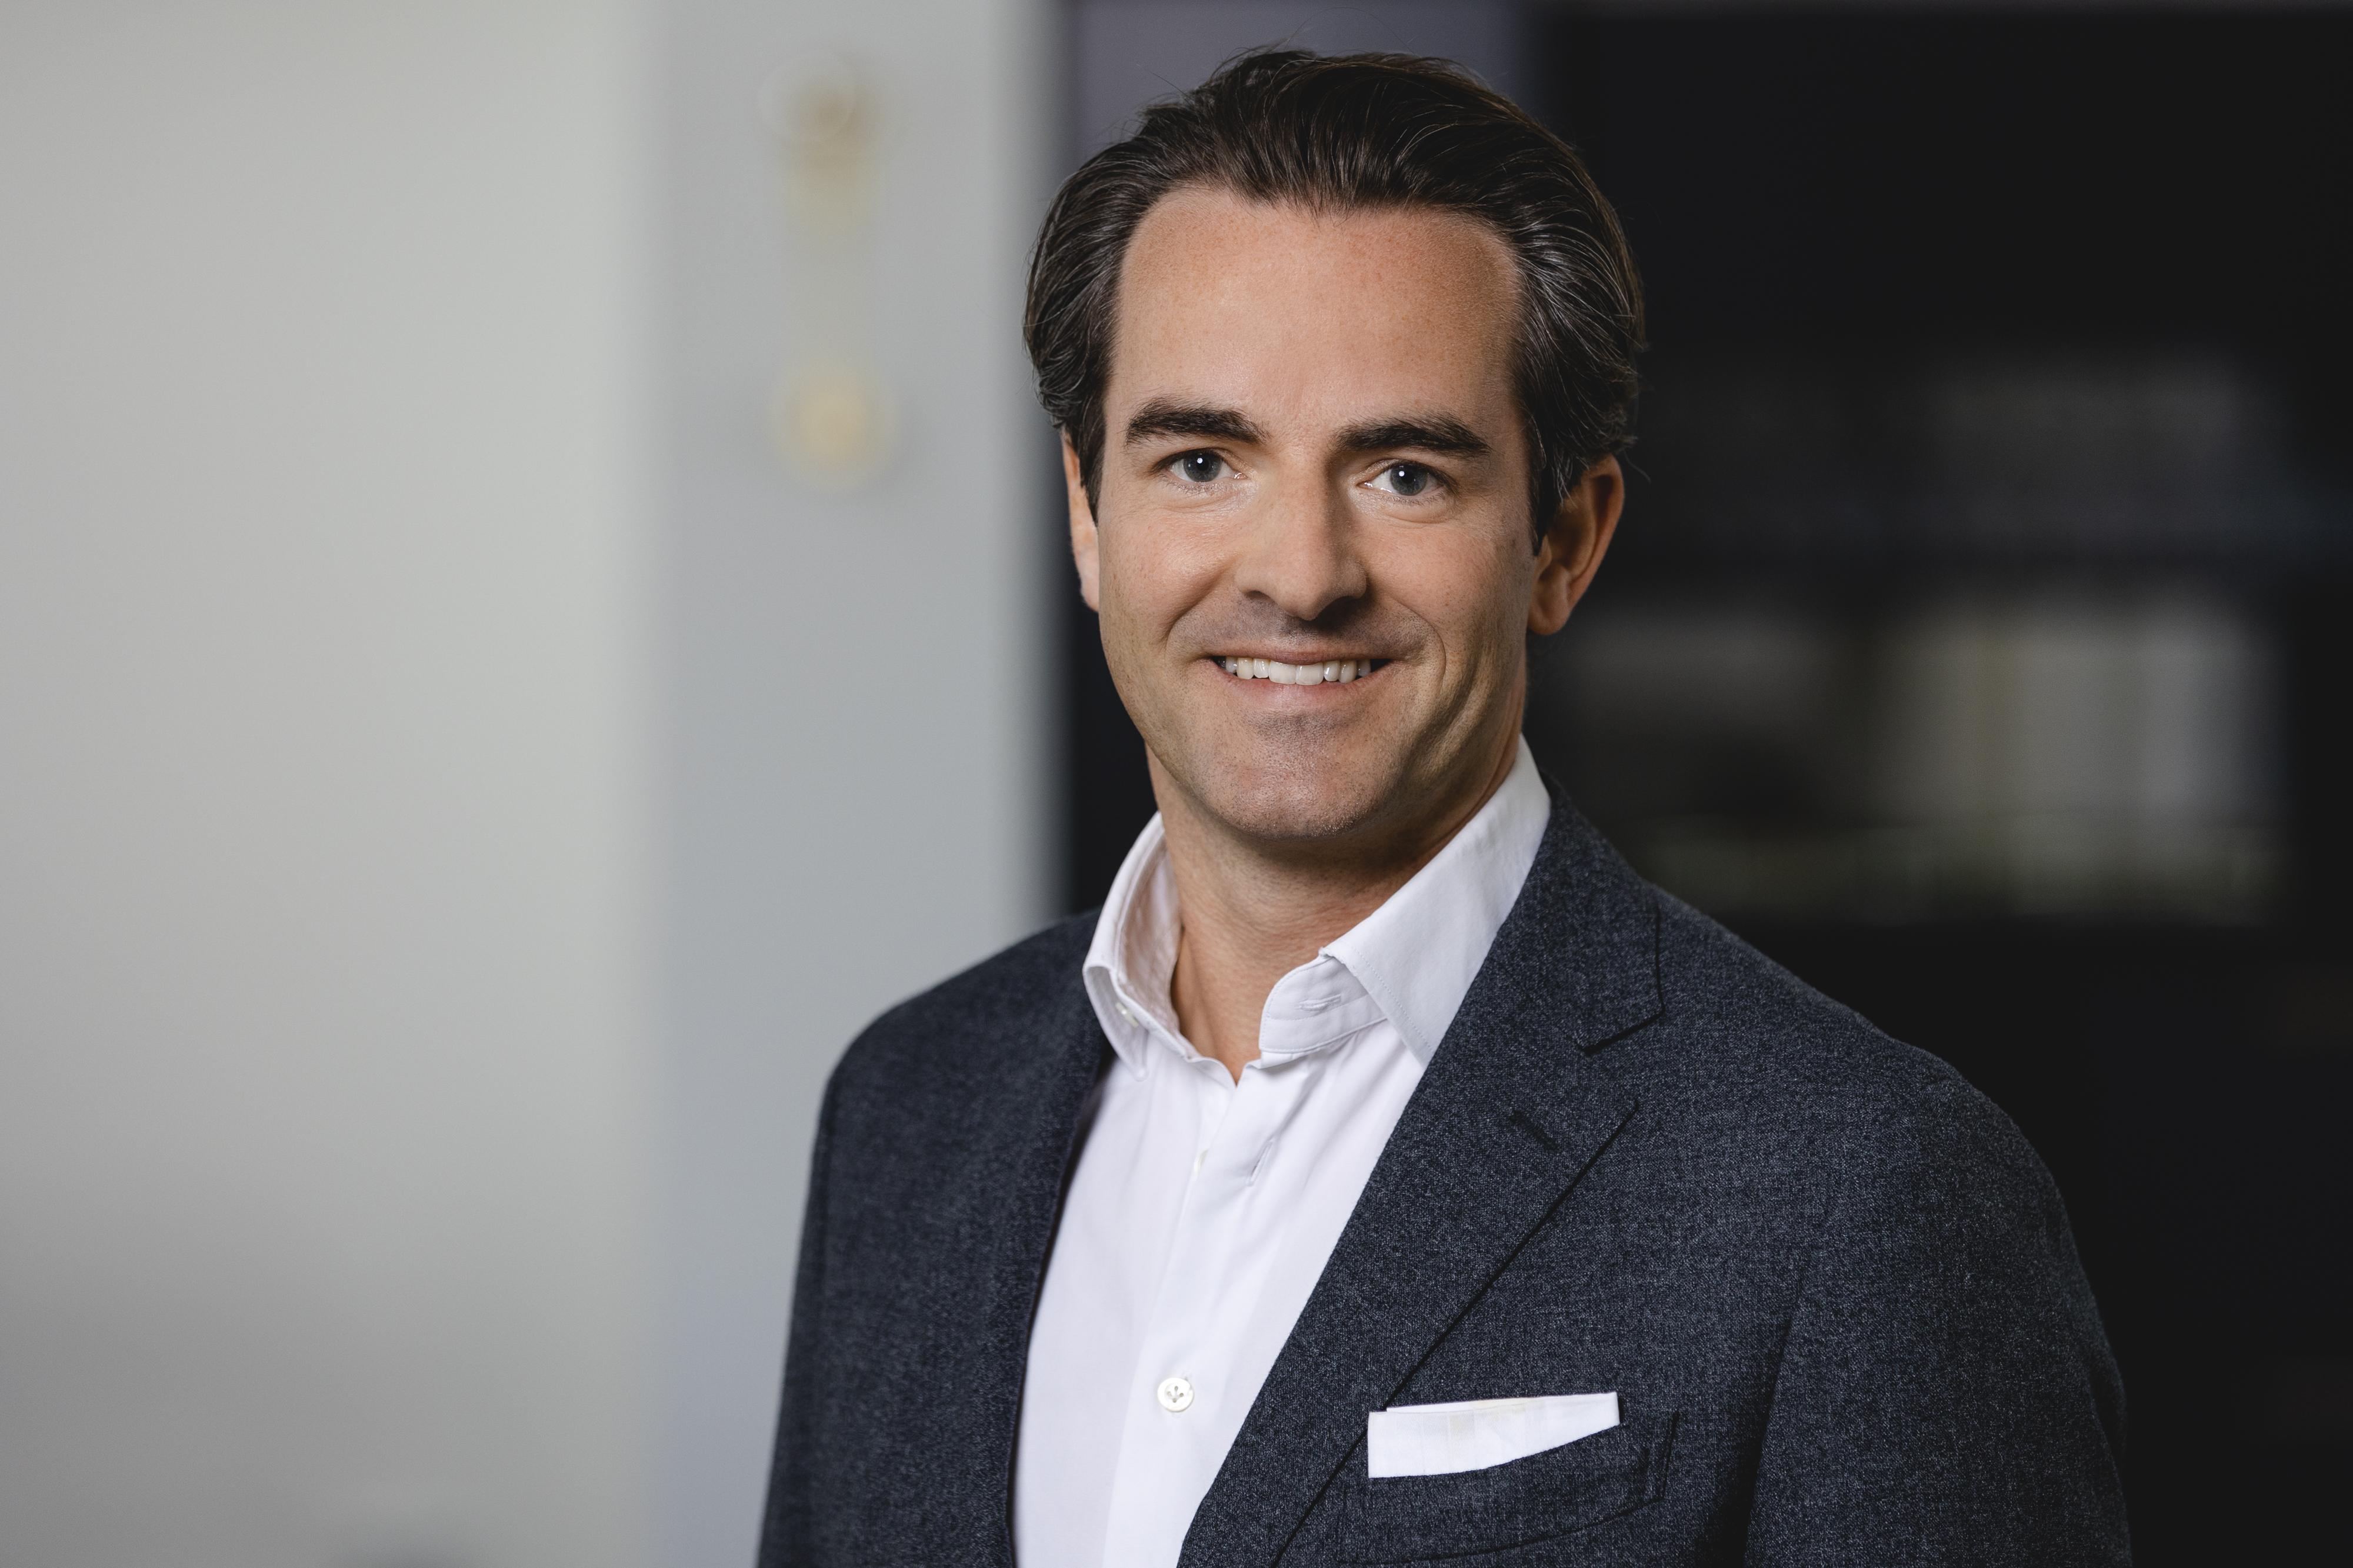 Porträt von Guido Prehn, Managing Partner bei der DPE Deutsch Private Equity und Mitglied des valantic Beirats